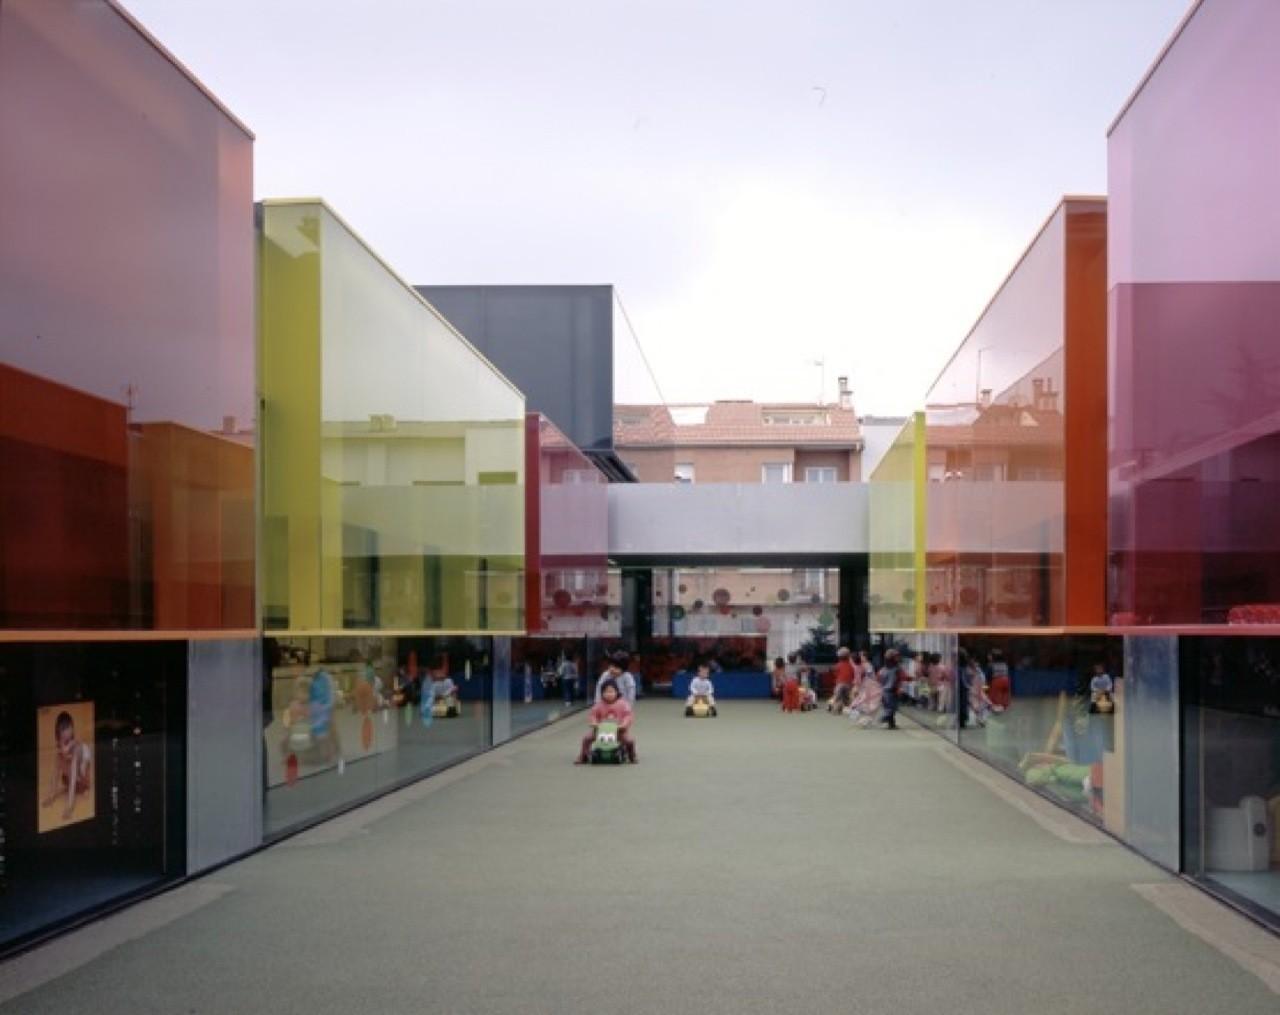 © Cortesía de RCR Arquitectes